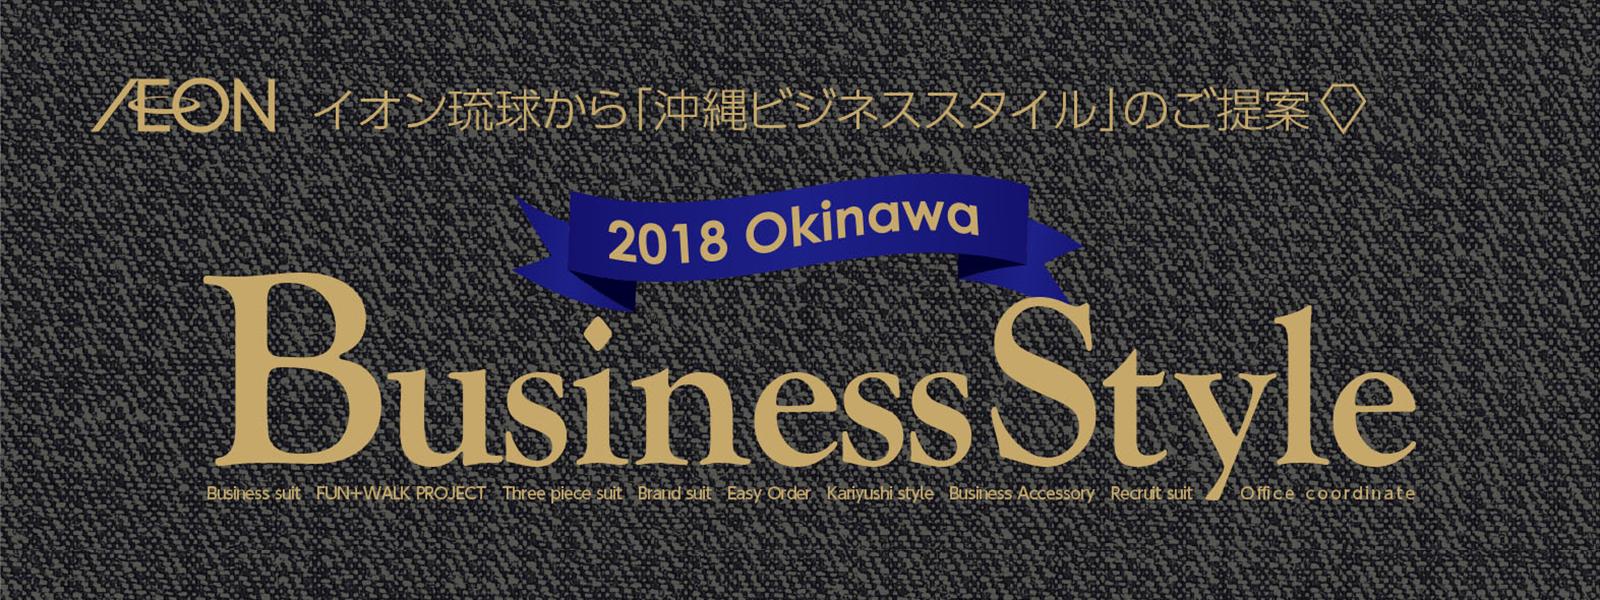 イオン琉球から「沖縄ビジネススタイル」のご提案 2018 Okinawa BusinessStyle